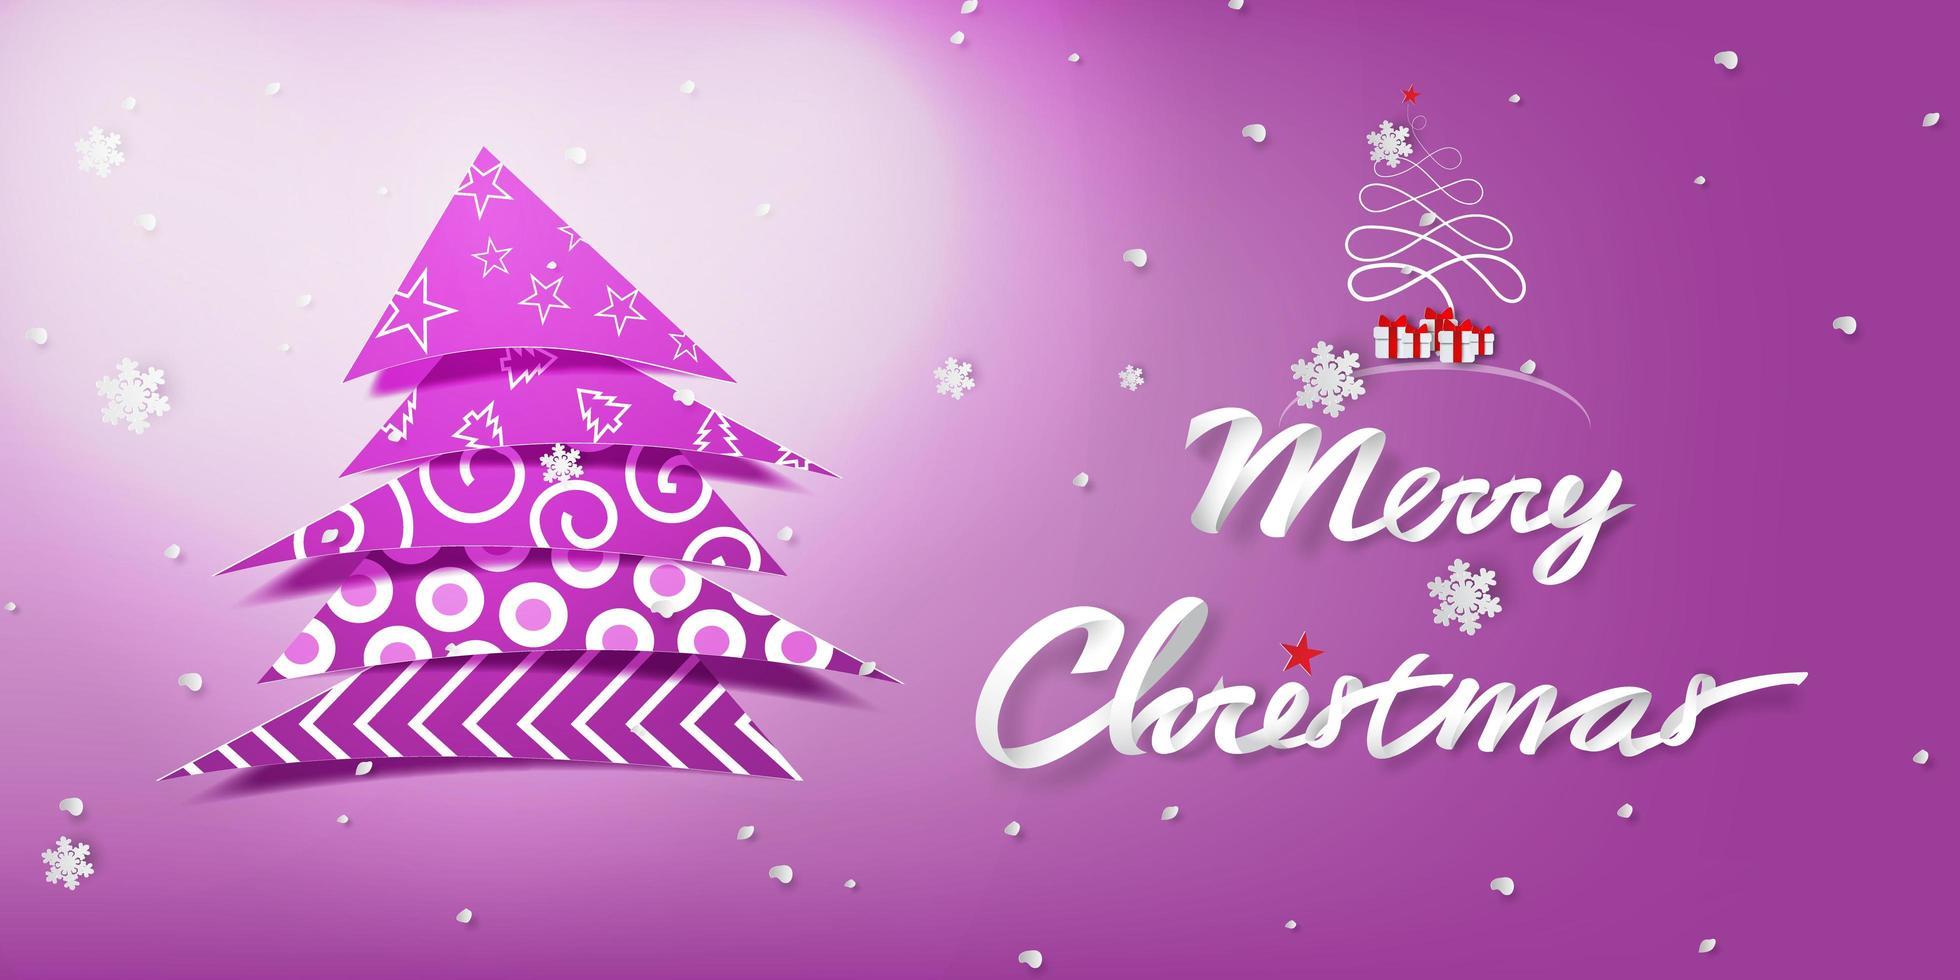 Buon Natale Arte.Arte Di Carta Buon Natale Con Decorare L Albero Scarica Immagini Vettoriali Gratis Grafica Vettoriale E Disegno Modelli